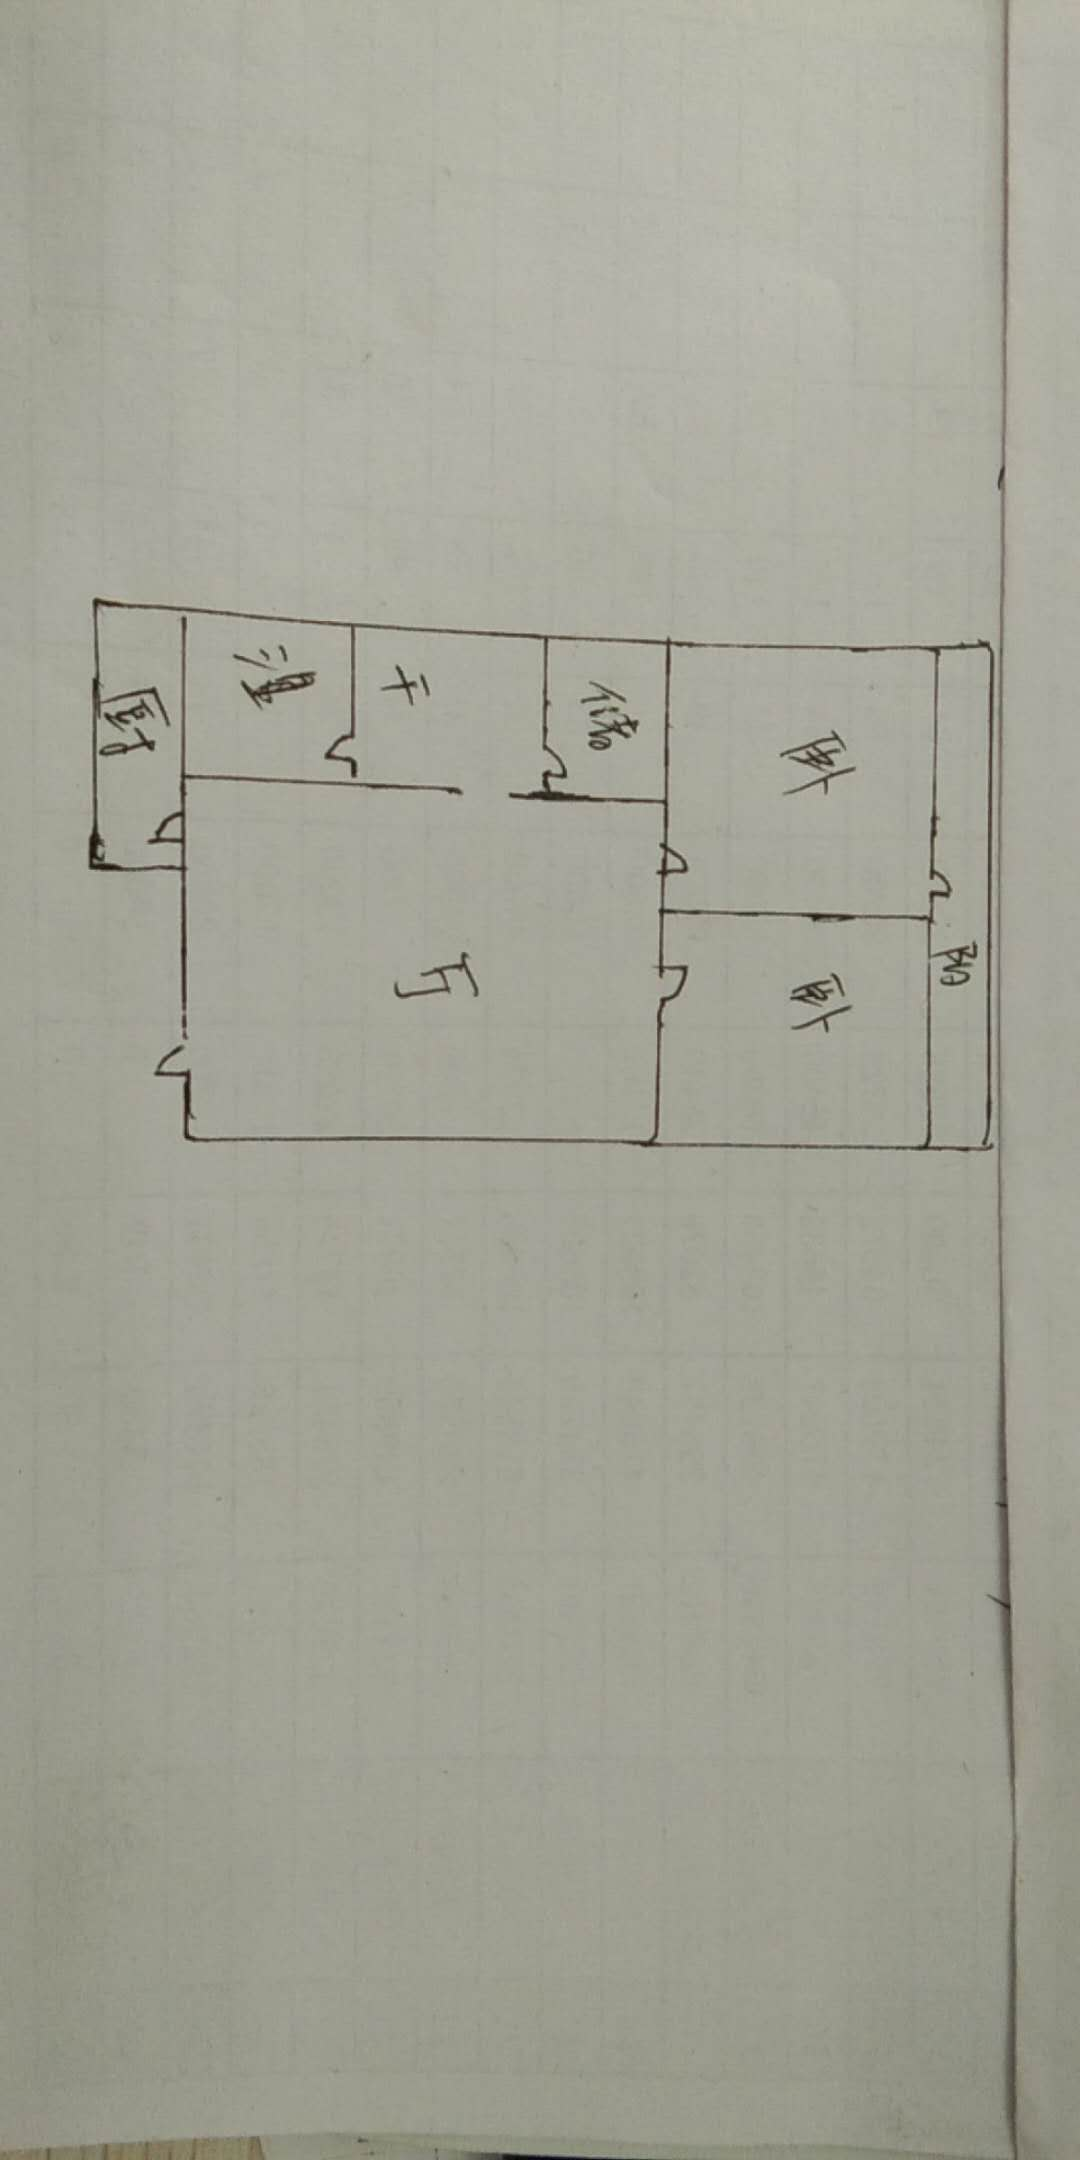 交通局宿舍 2室1厅  简装 64.6万